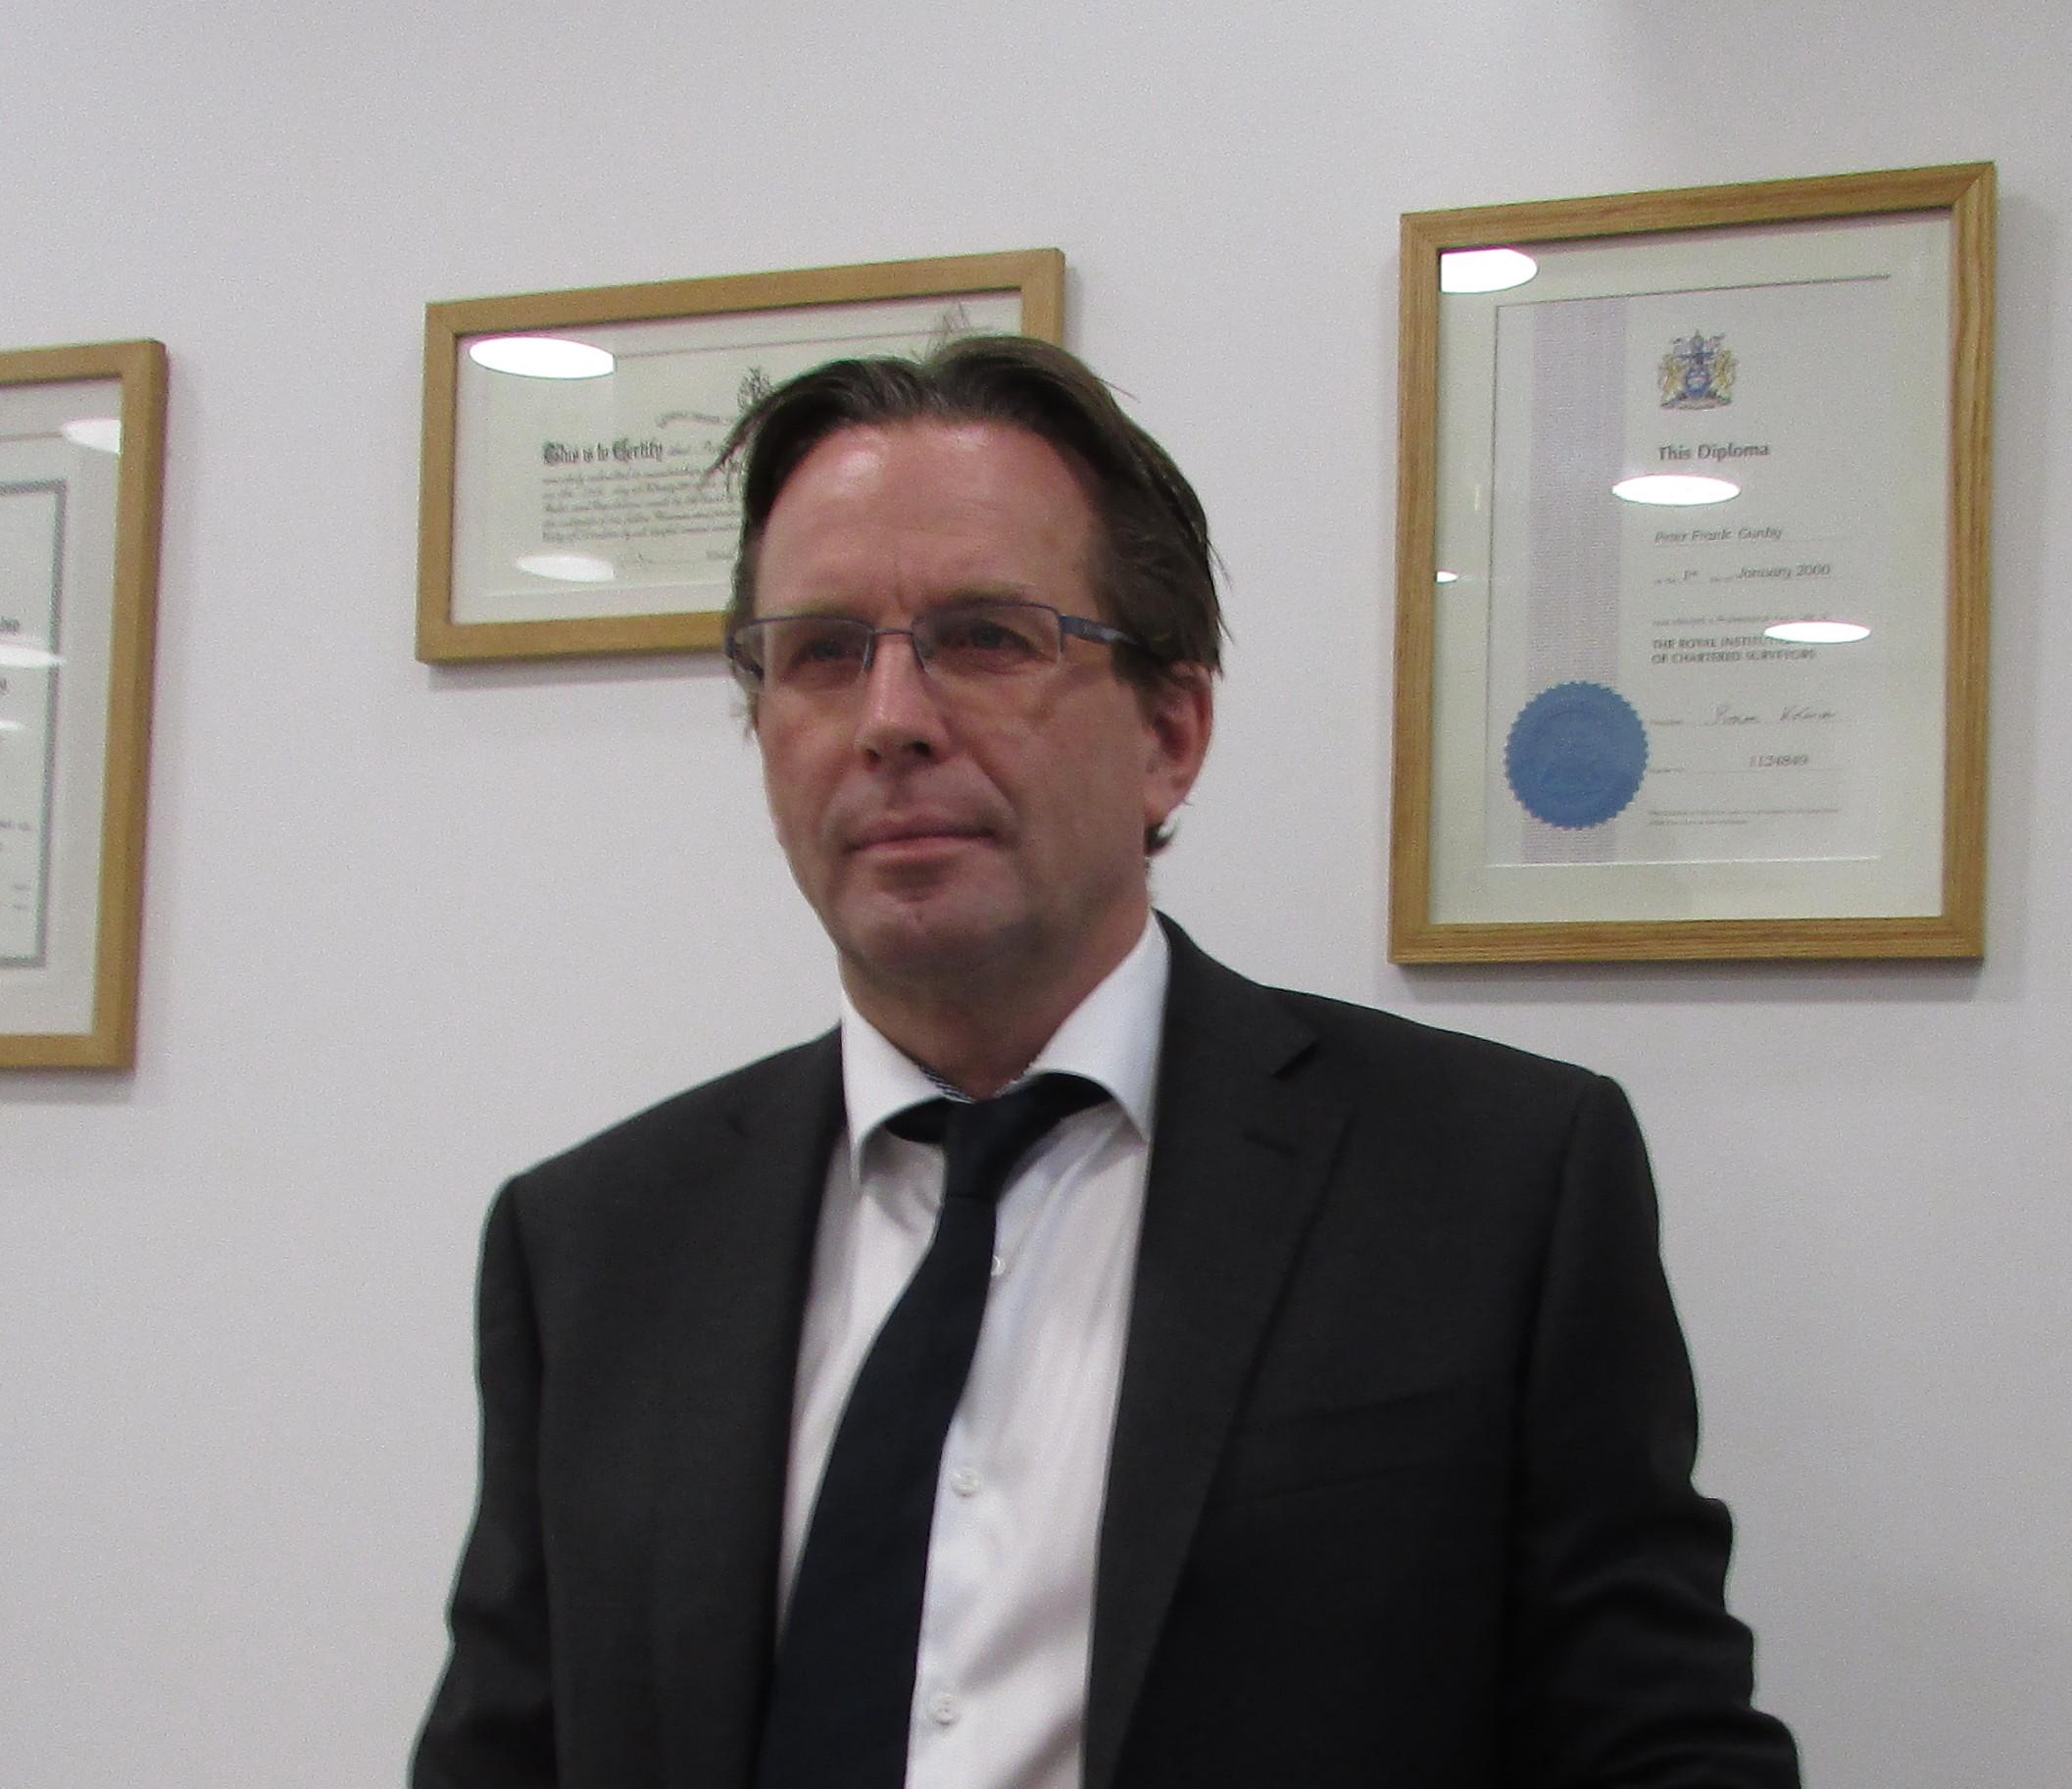 Peter Gunby